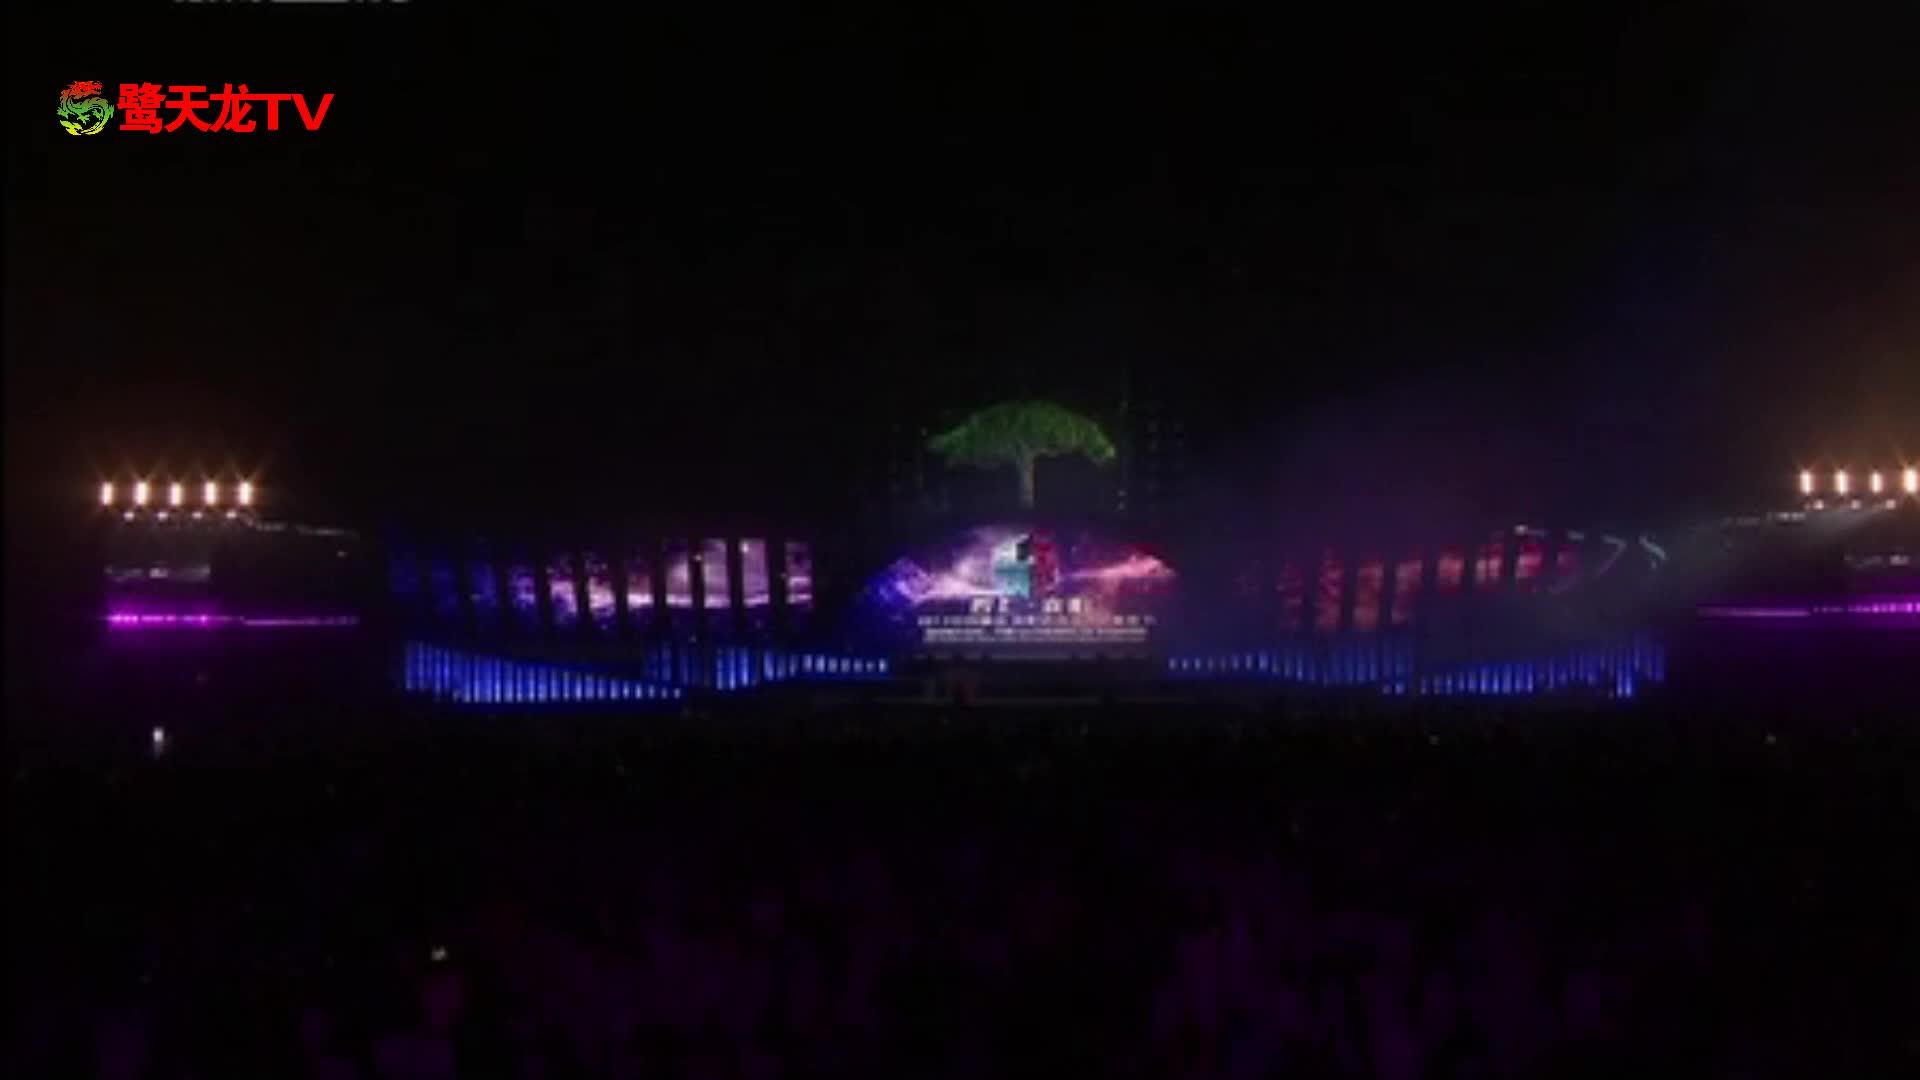 襄阳诸葛亮文化旅游节-歌舞《梦襄阳》齐豫陈楚生